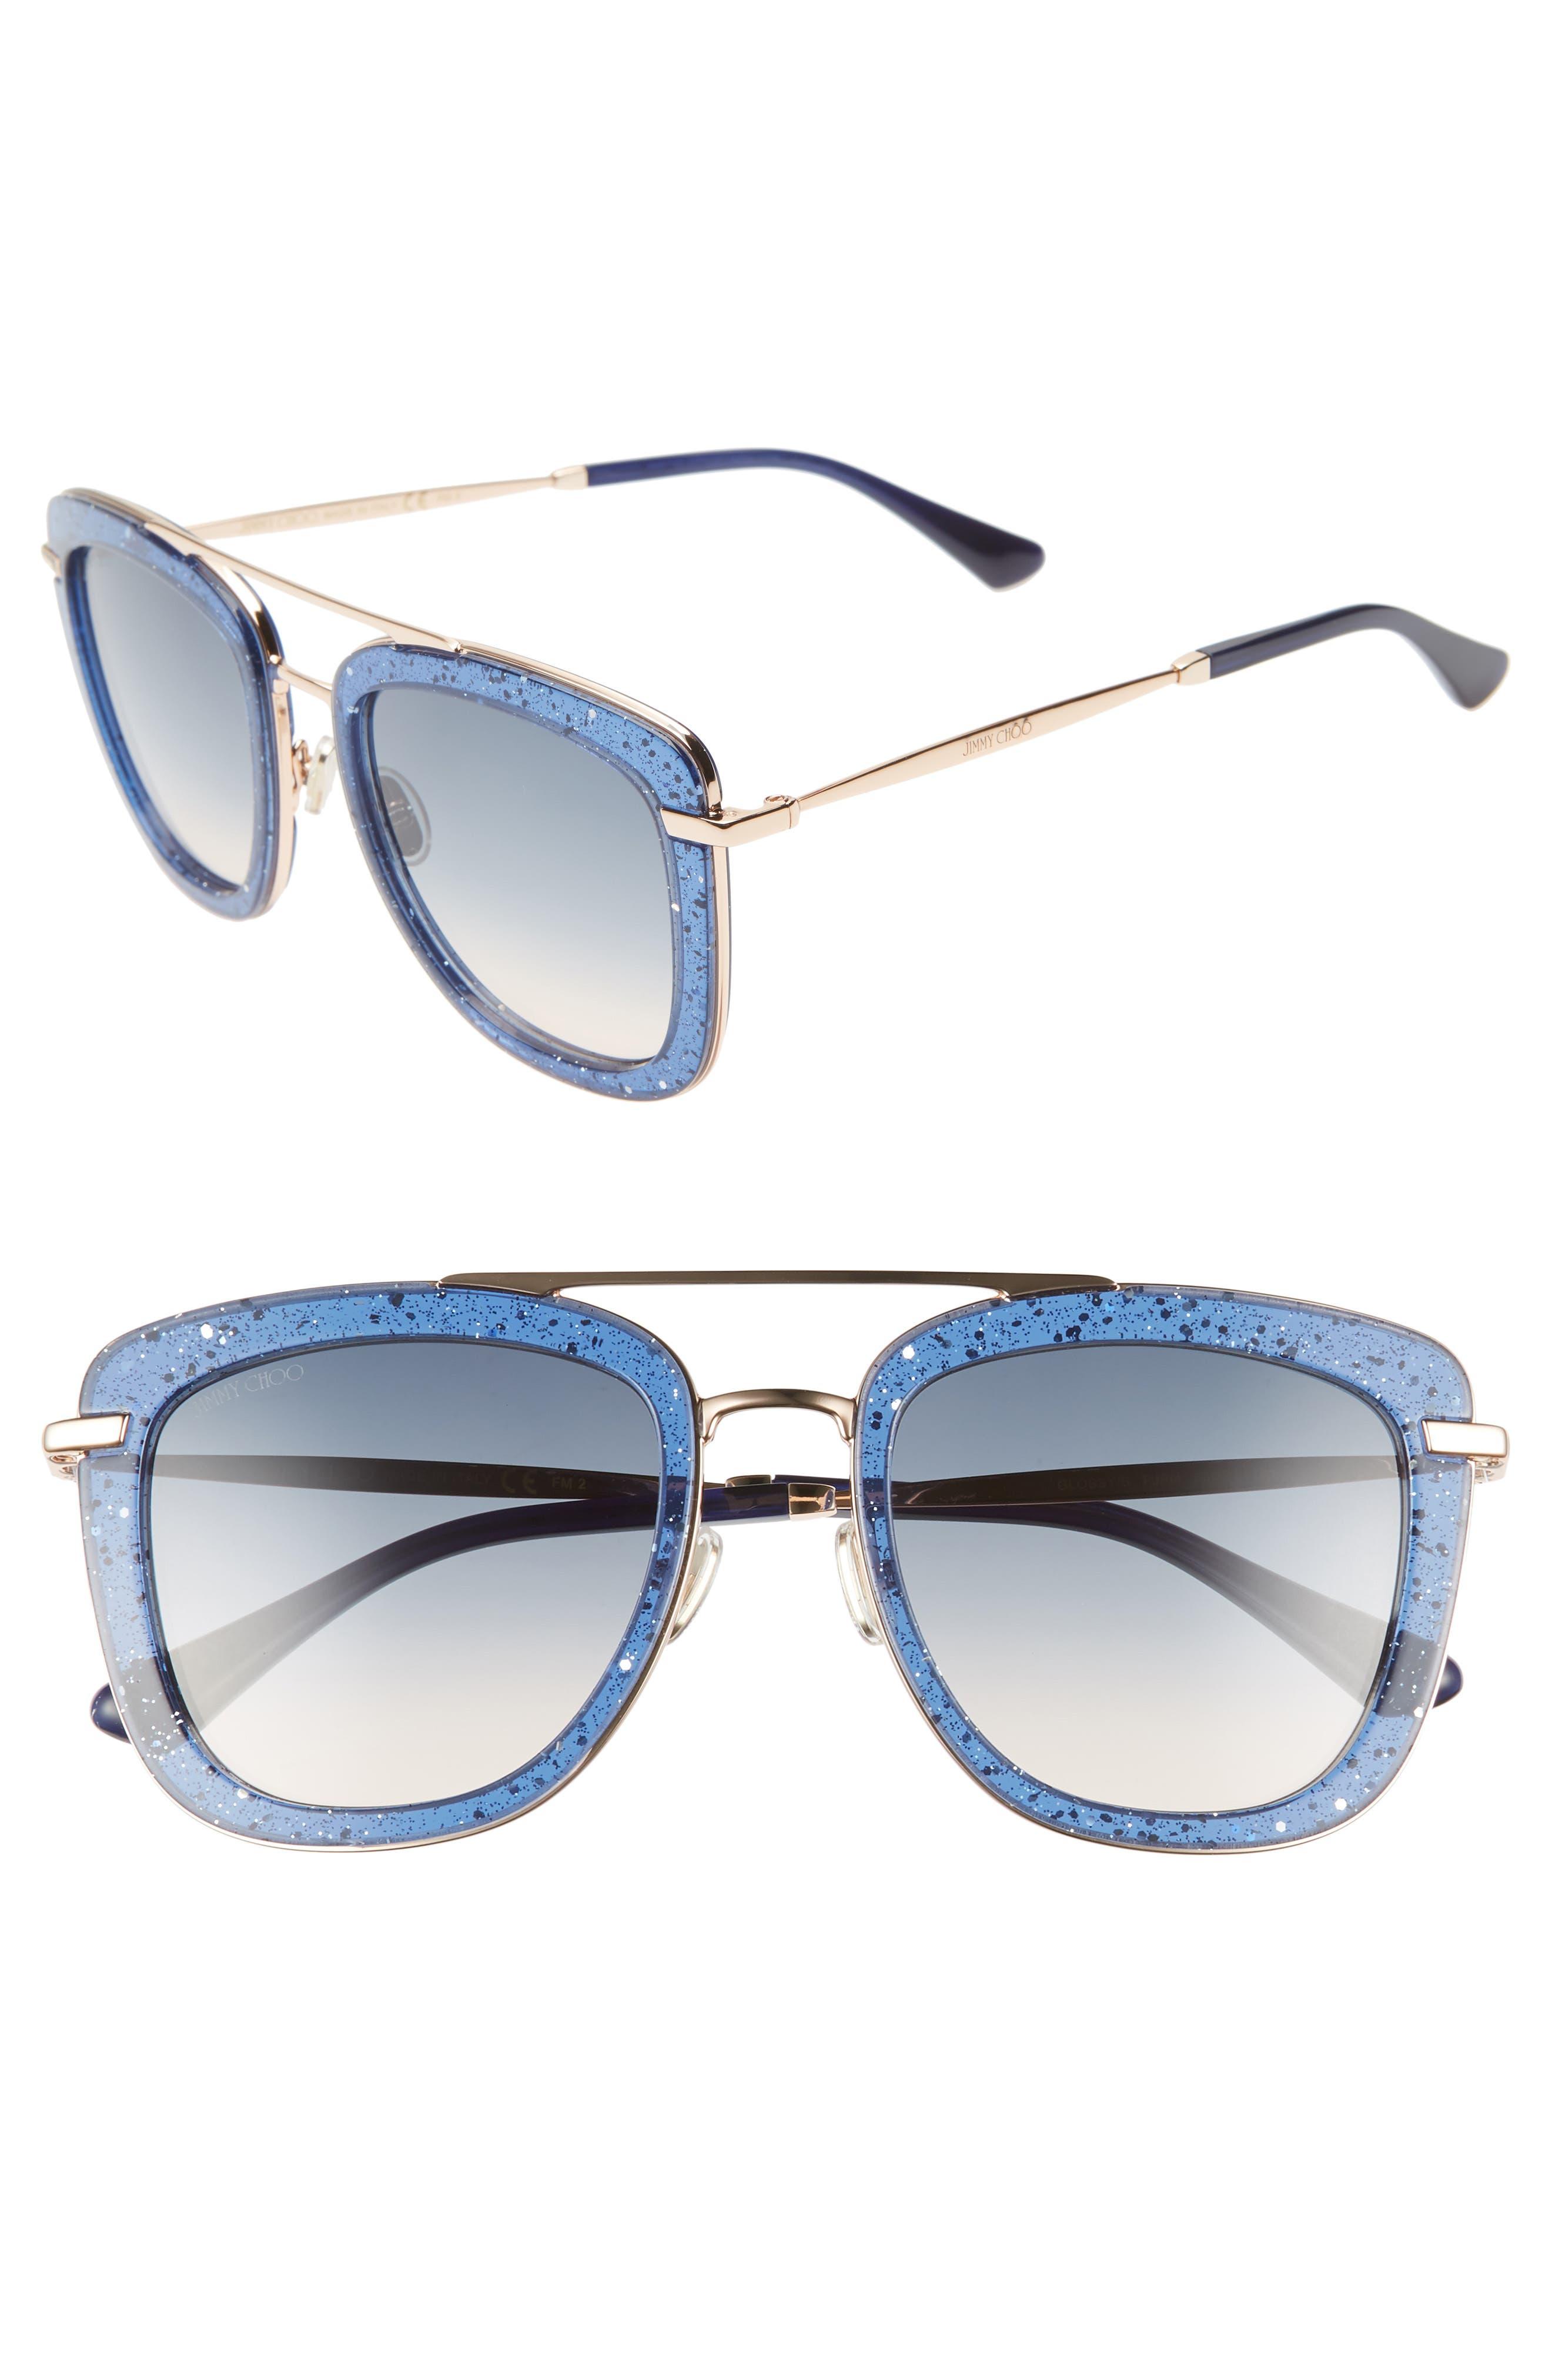 3be69bcebc2 Jimmy Choo Sunglasses for Women